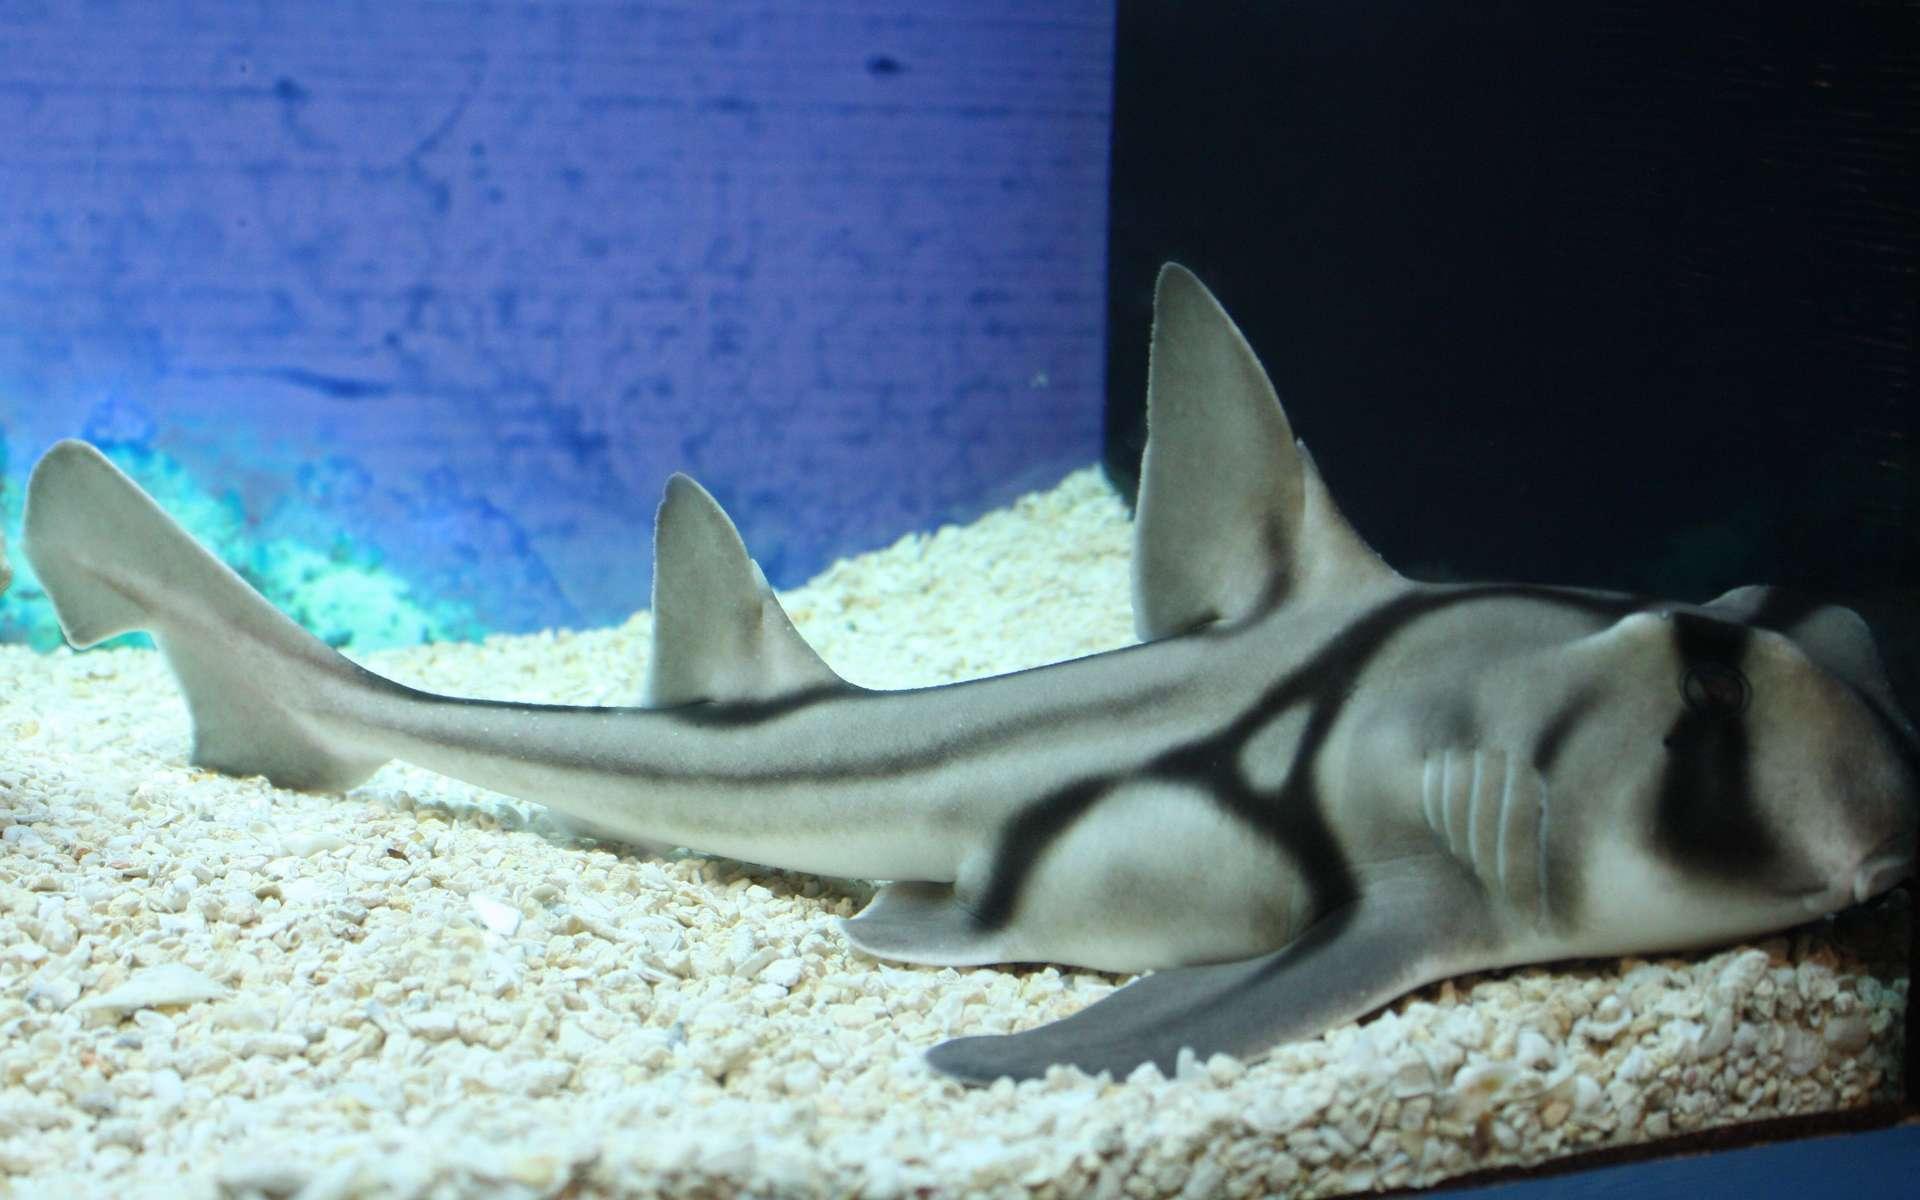 Du nom du port naturel de Sydney, le requin dormeur de Port-Jackson est une espèce endémique des eaux côtières du sud de l'Australie. Mesurant 1,30 mètre en moyenne, il se nourrit la nuit, principalement d'invertébrés (oursins, crabes, coquillages) dont il broie la coquille grâce à des dents aplaties comme des molaires. © J. Patrick Fischer, Wikimedia Commons, CC by-sa 3.0